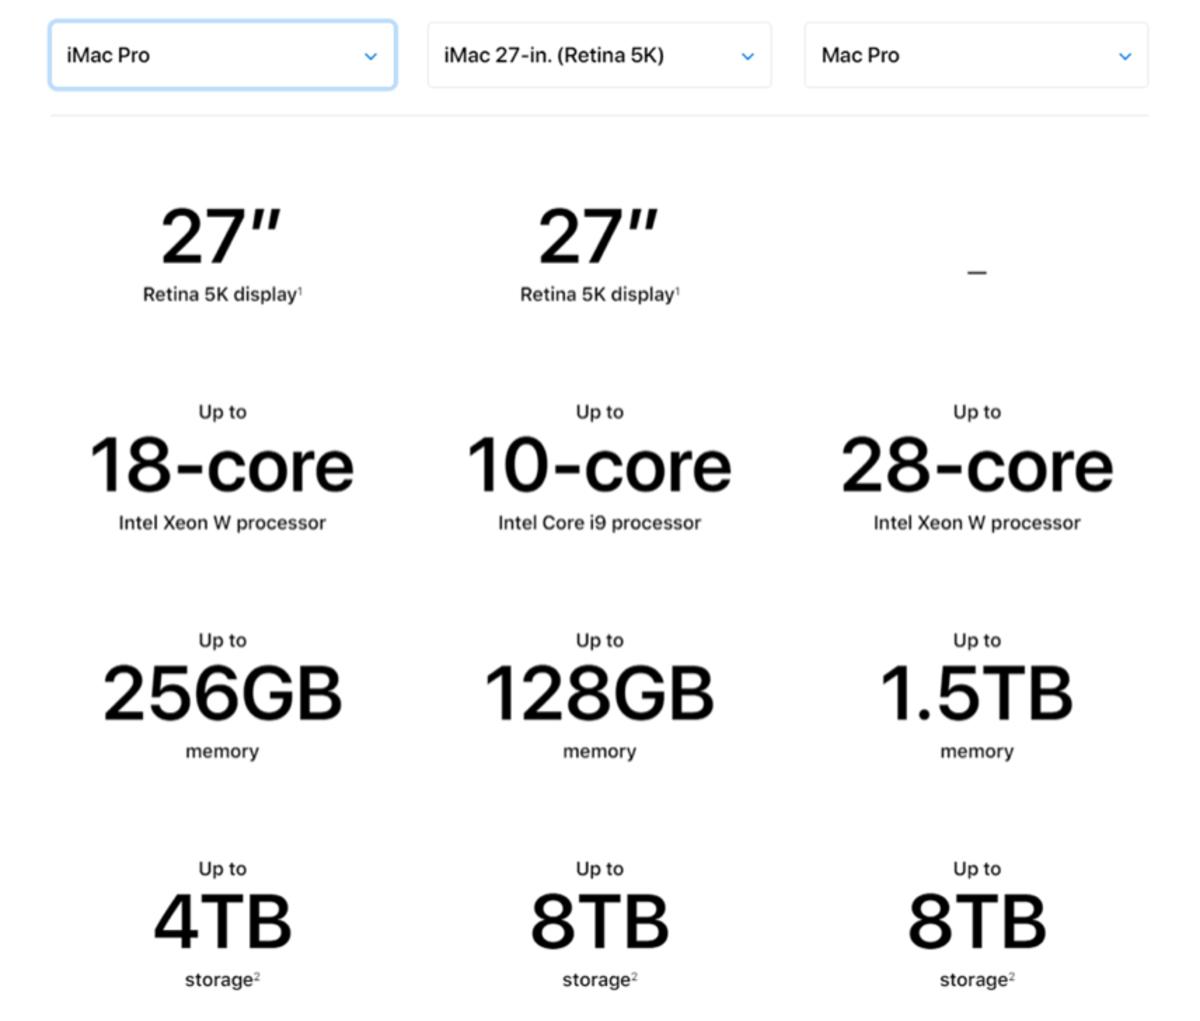 iMac Pro 27-in